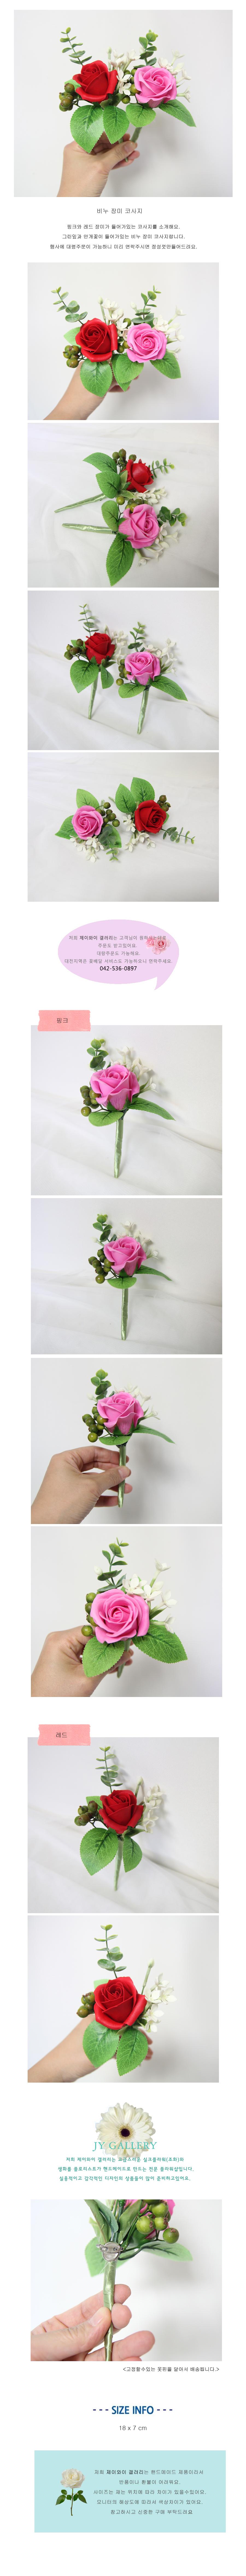 비누 장미코사지 - 제이와이갤러리, 3,500원, 조화, 비누꽃